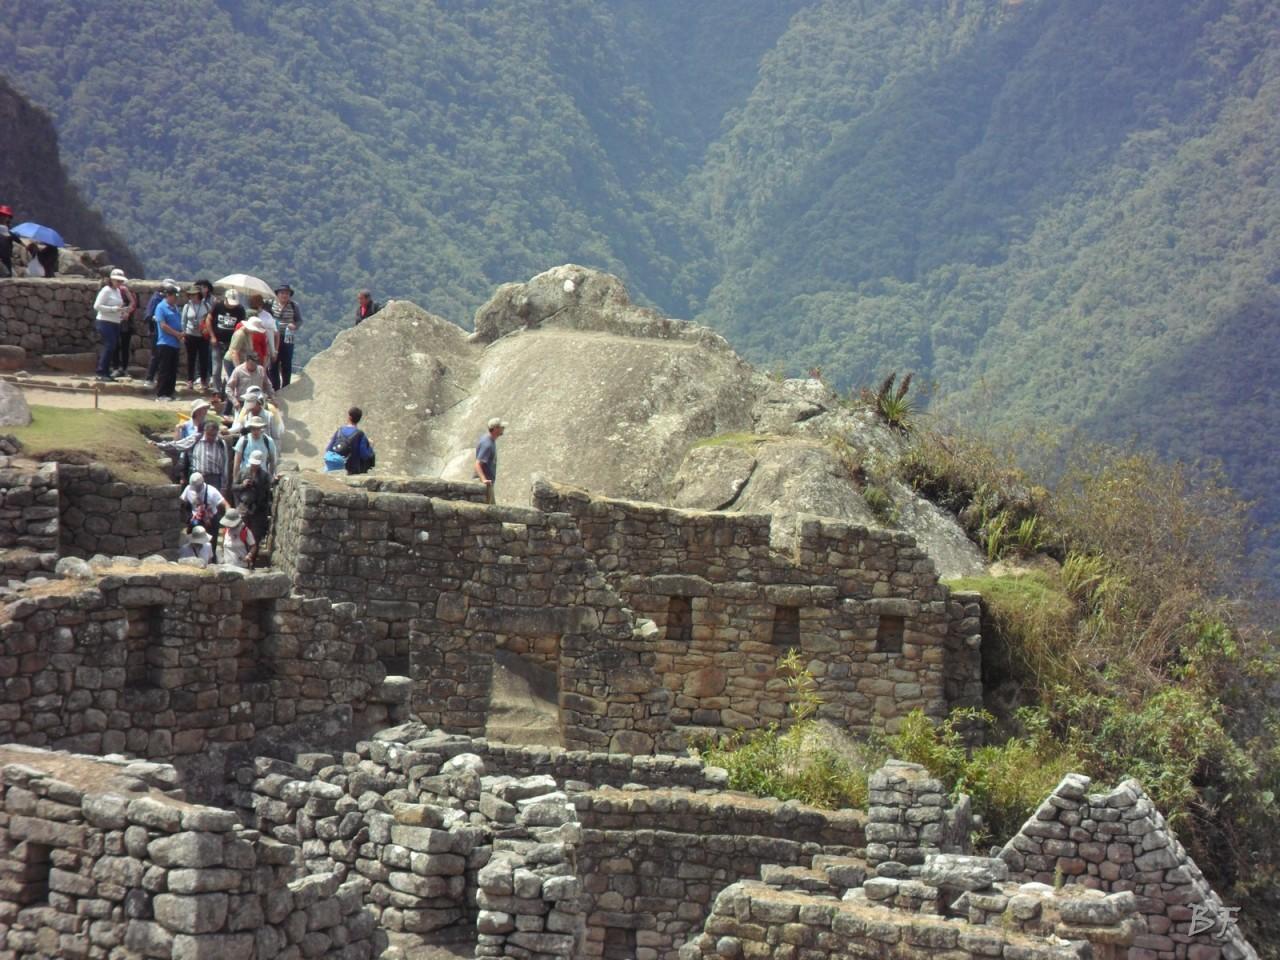 Mura-Poligonali-Incisioni-Altari-Edifici-Rupestri-Megaliti-Machu-Picchu-Aguas-Calientes-Urubamba-Cusco-Perù-161